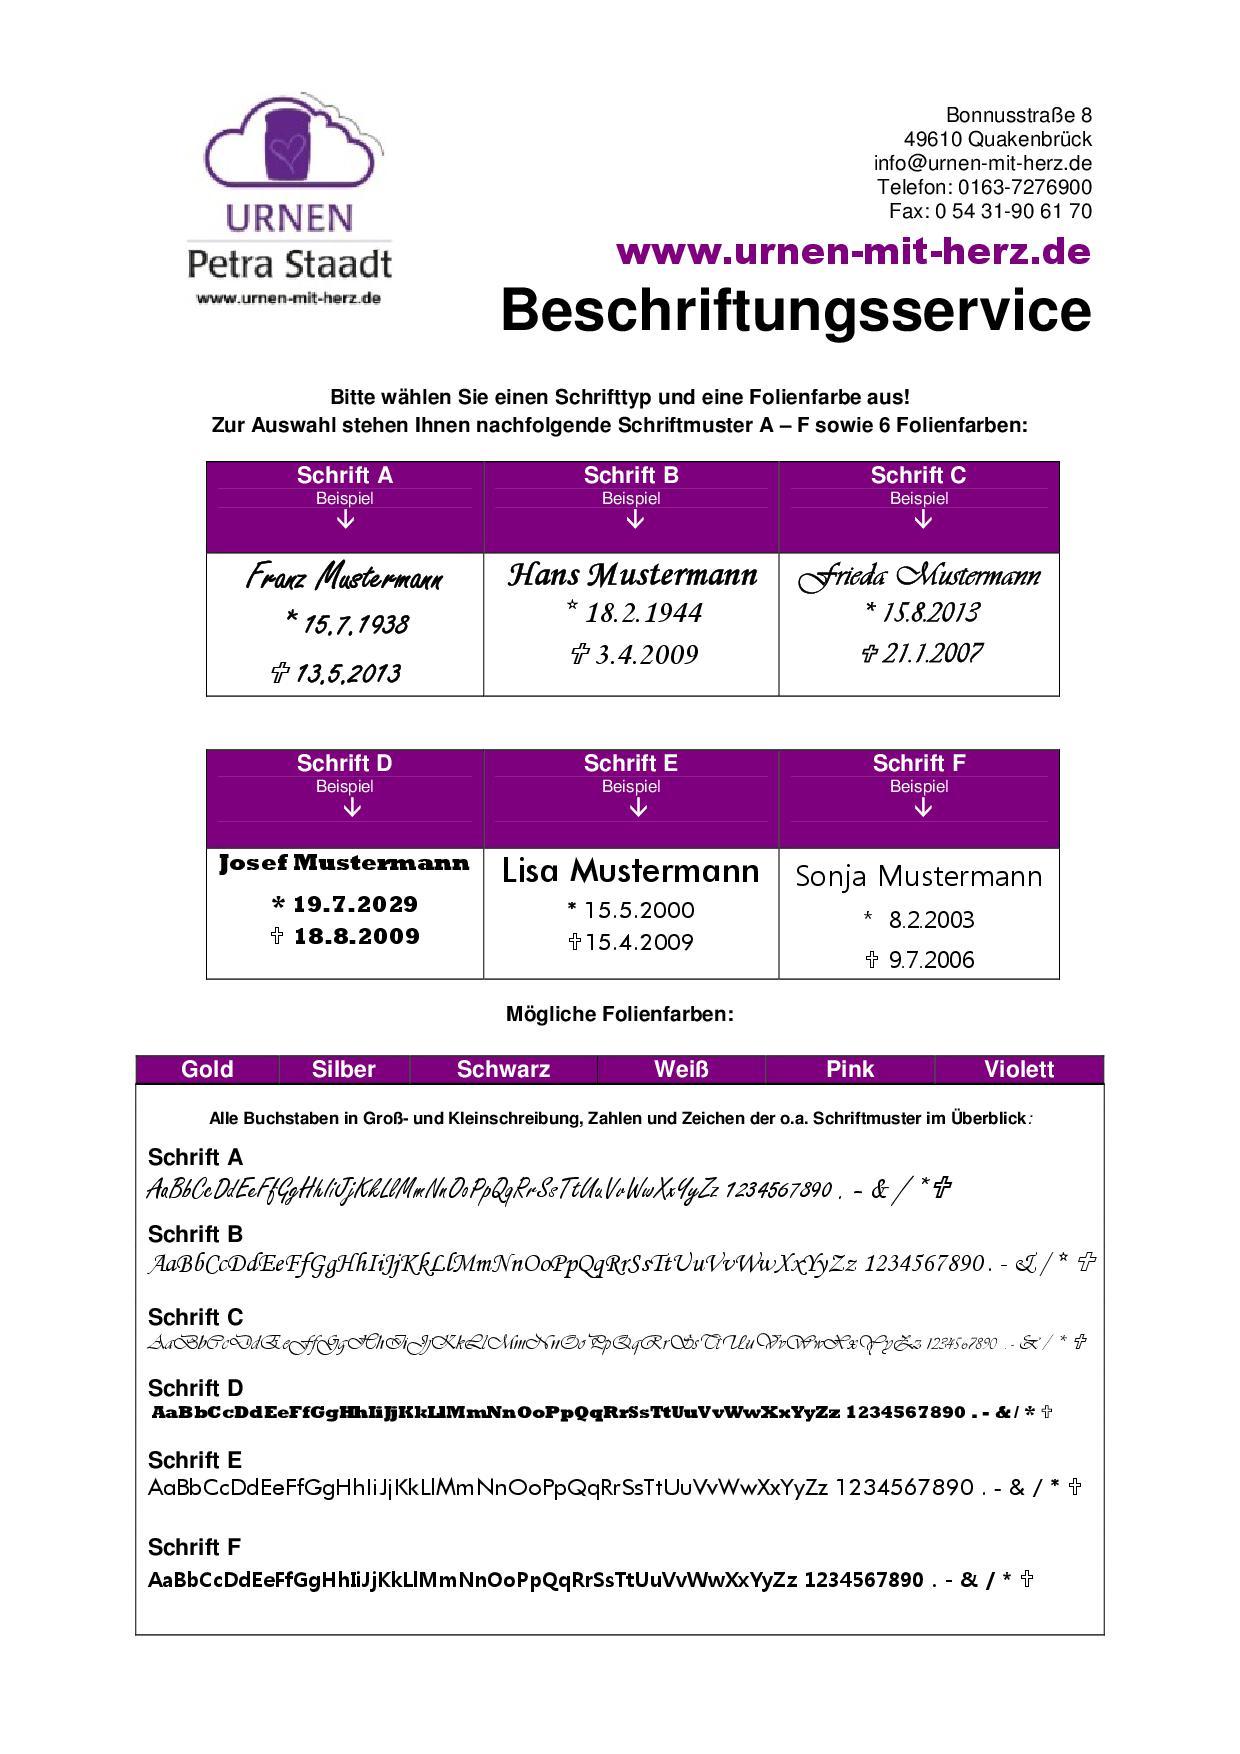 Urnen Petra Staadt - Beschriftungsservice